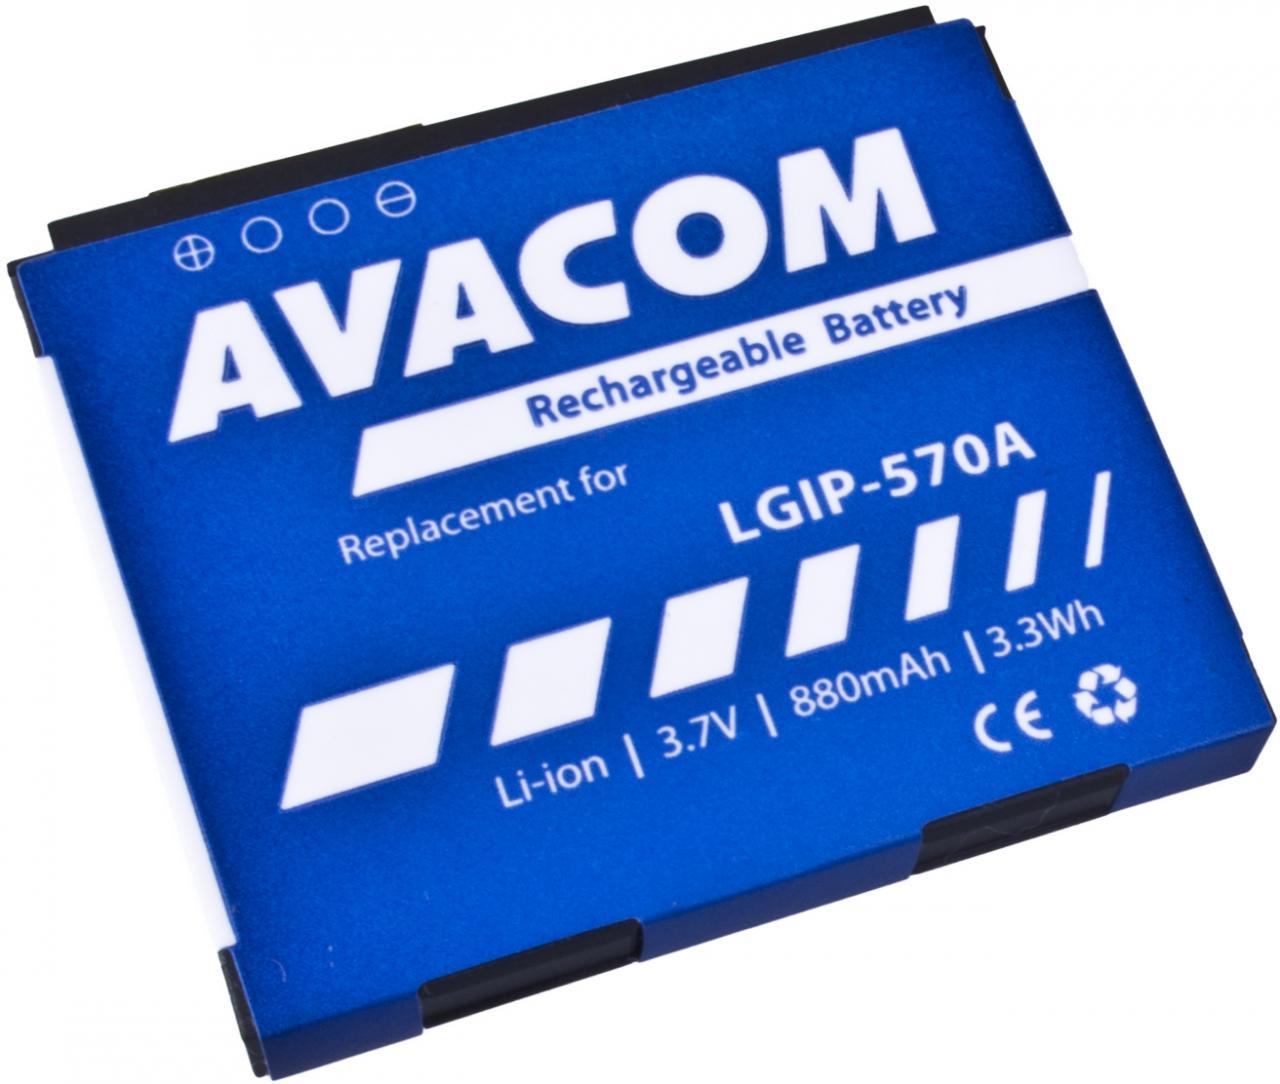 AVACOM Baterie AVACOM GSLG-KP500-S880A do mobilu LG KP500 Li-Ion 3,7V 880mAh (náhrada LGIP-570A) (GSLG-KP500-S880A)